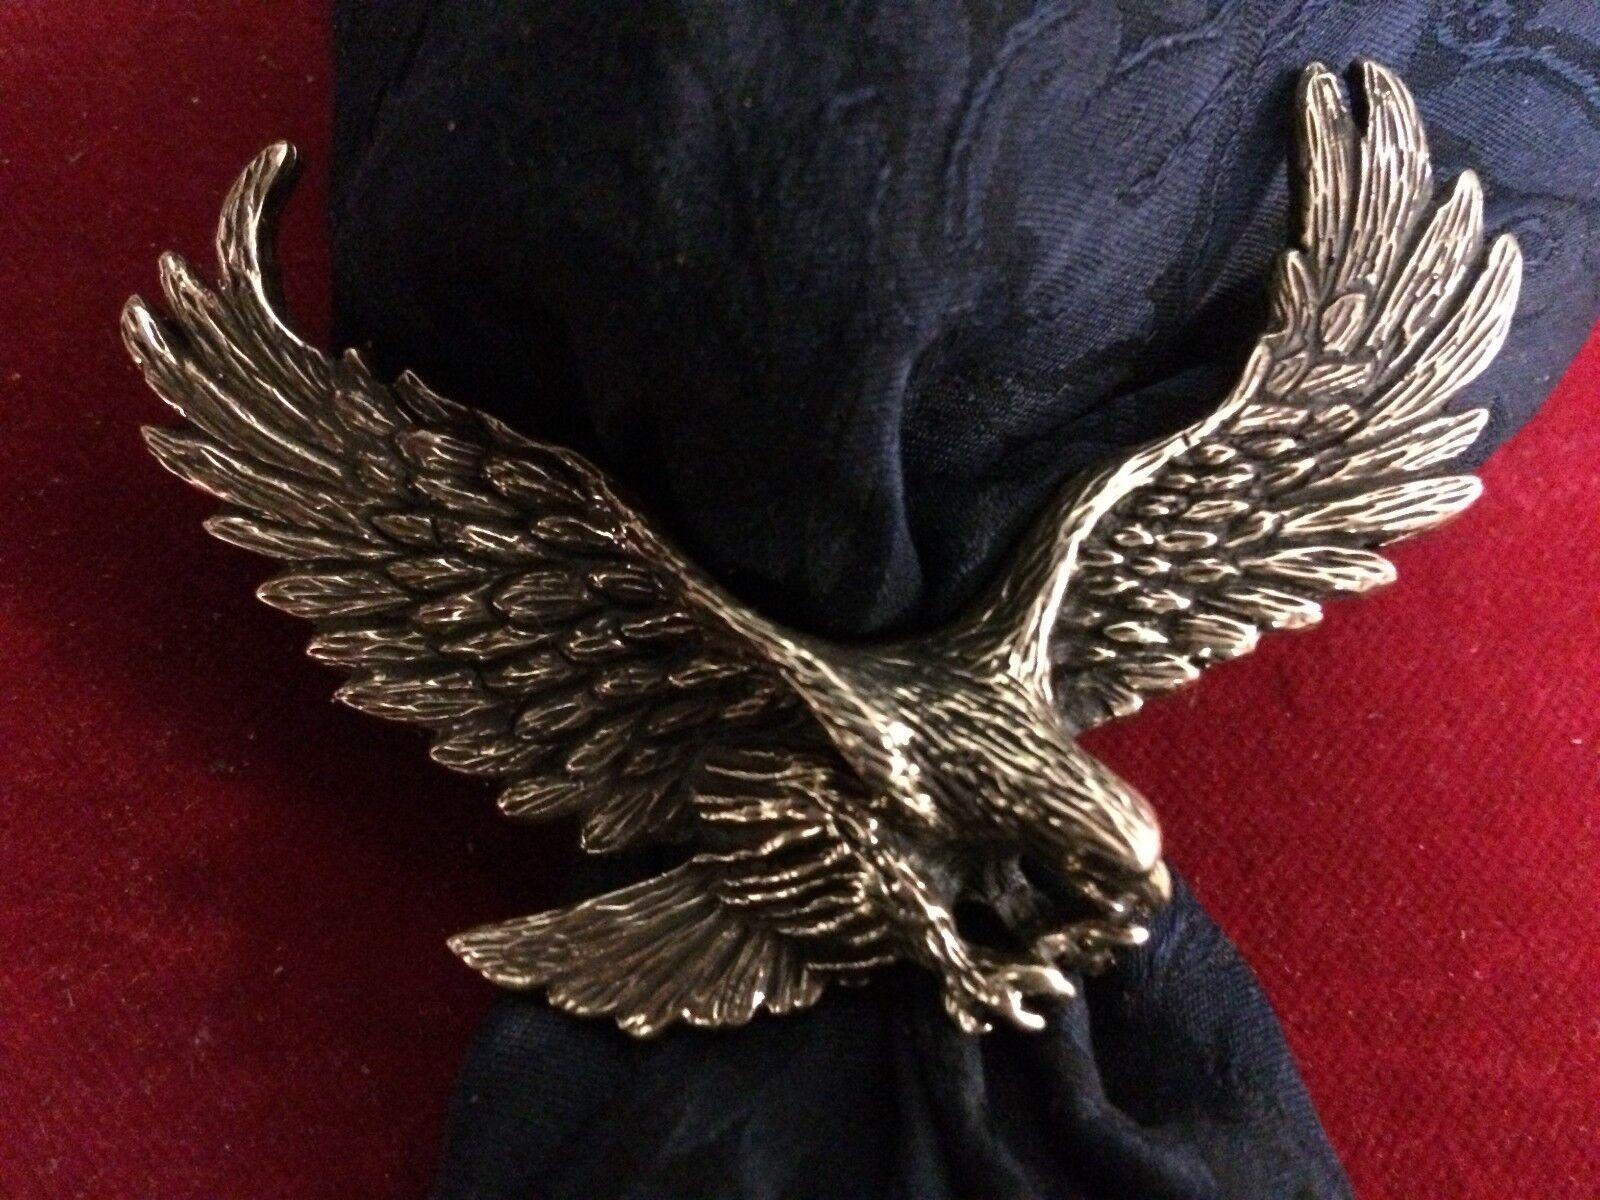 Scarf Slide Wild Rag Slide  Bronze Eagle Landing,